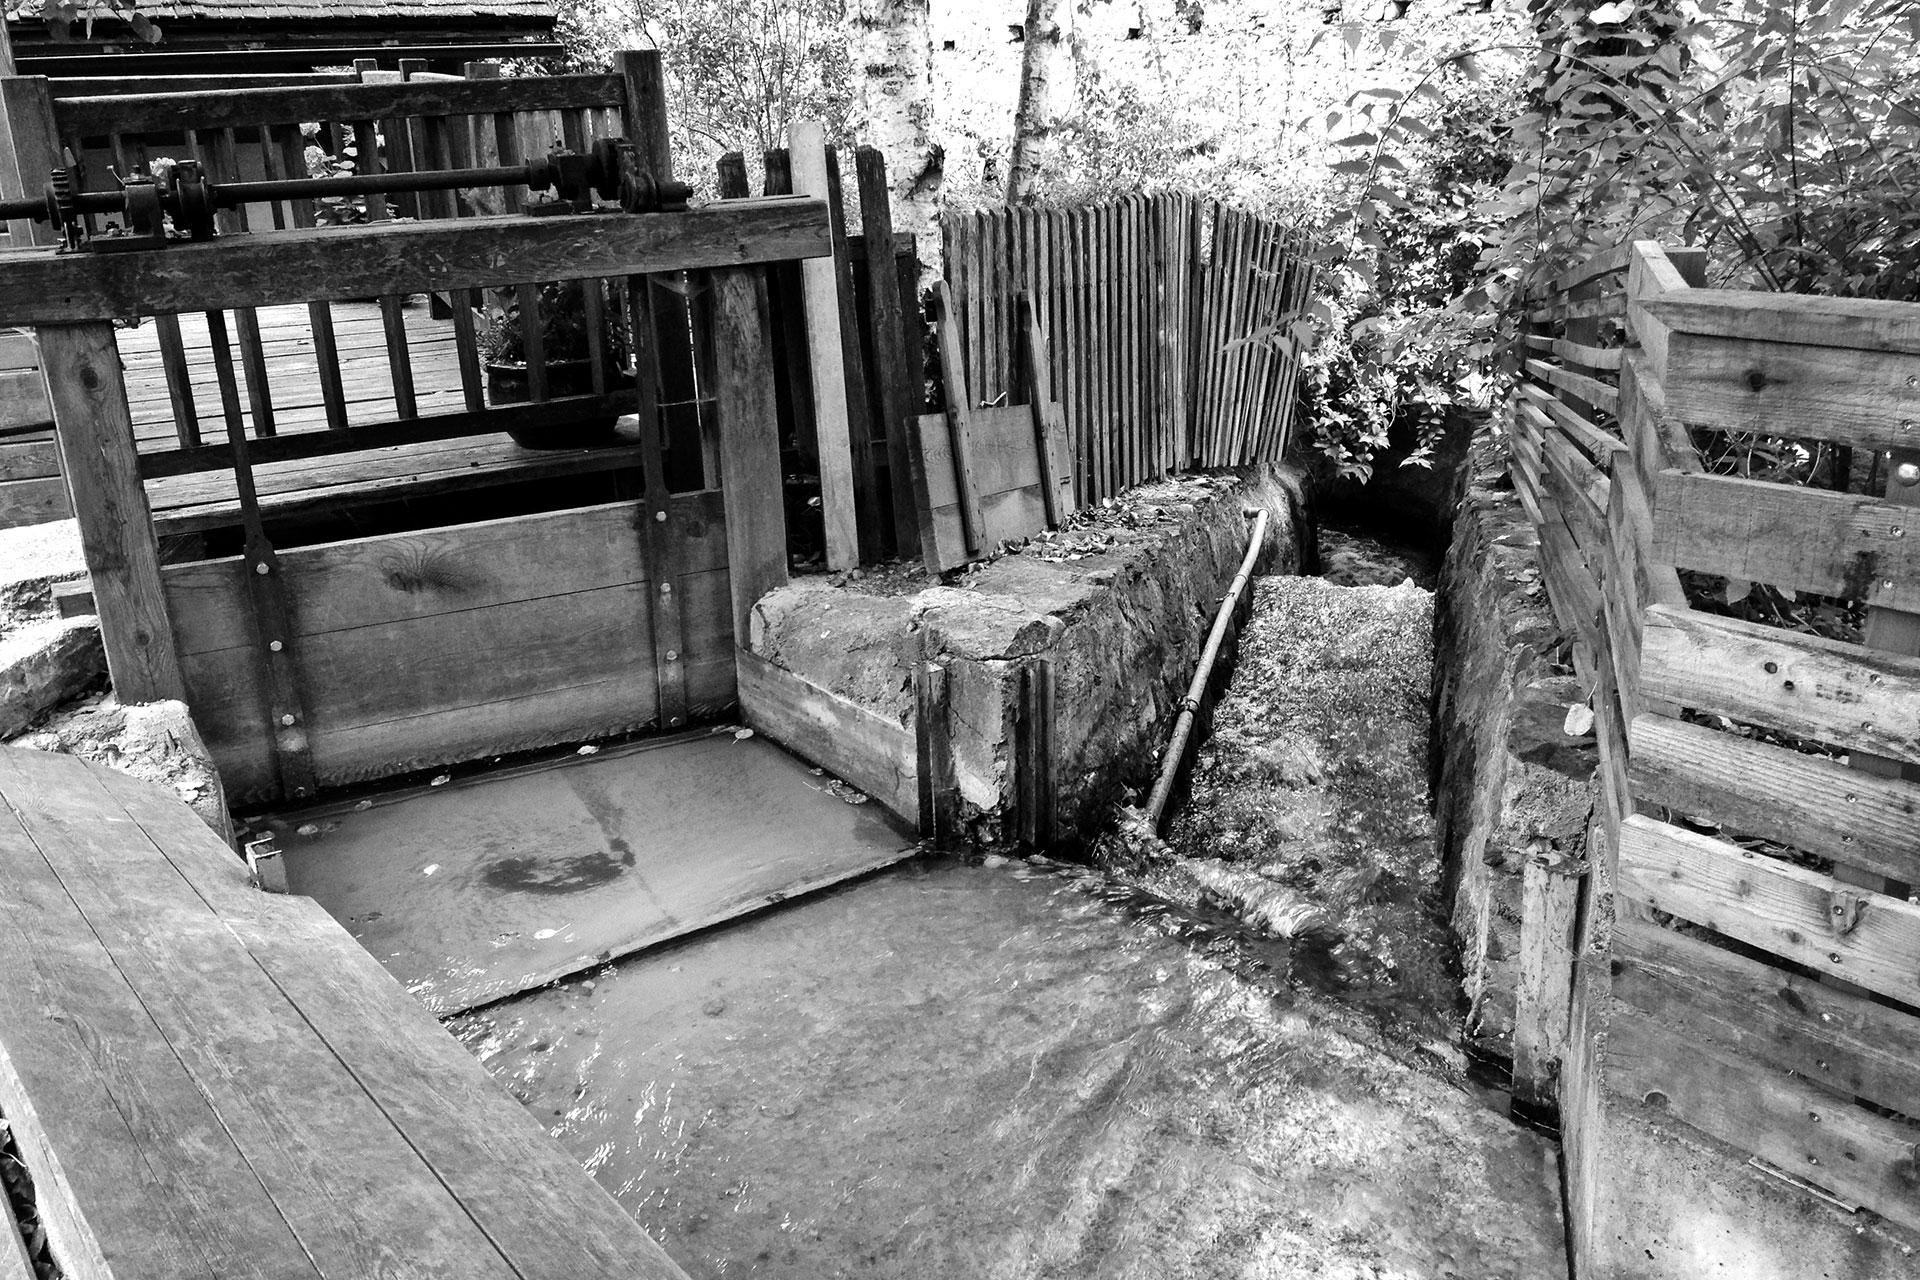 DAS STILFSER JOCH 48 Kehren in Fels gemeisselt / Das Gerberviertel des rätoromanischen Städtchens Glurns © stefandrexl.de